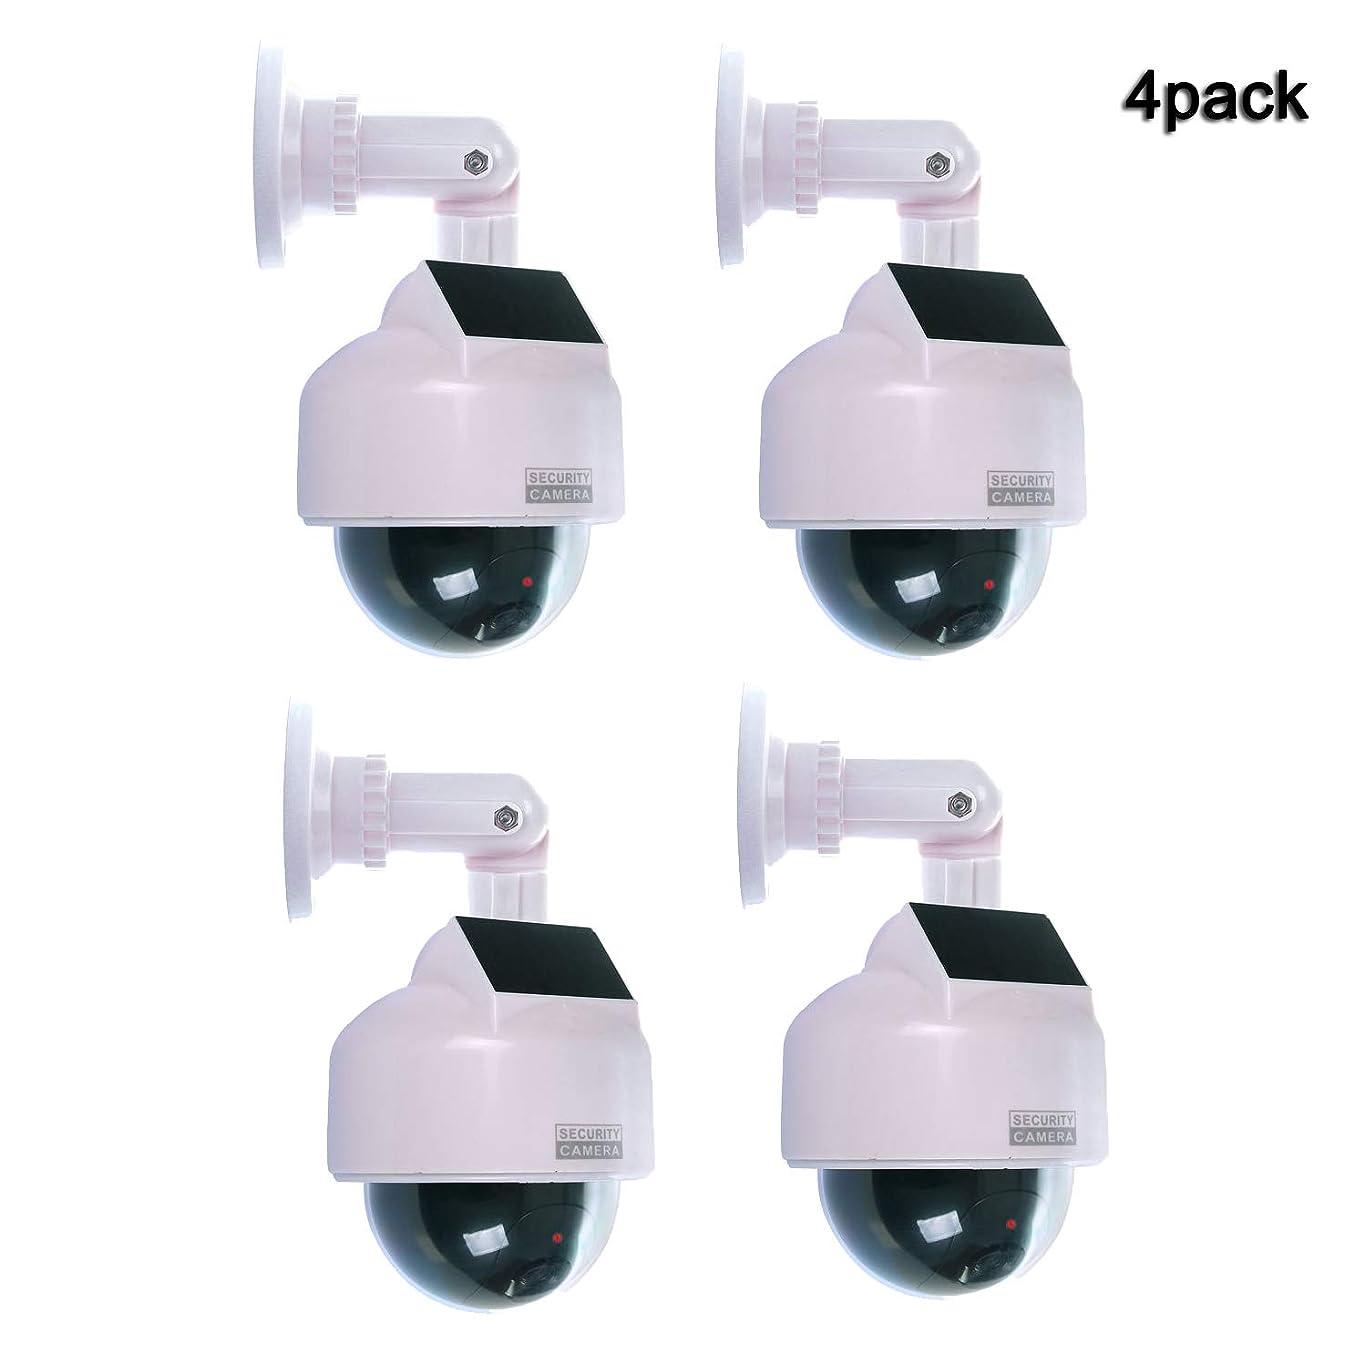 タイピスト有効なに対してQLPP ダミーセキュリティカメラ 太陽電池式 ダミーフェイク CCTVセキュリティドームカメラ 点滅レッドLEDライト付き 屋内/屋外用 4pack 364-372-915